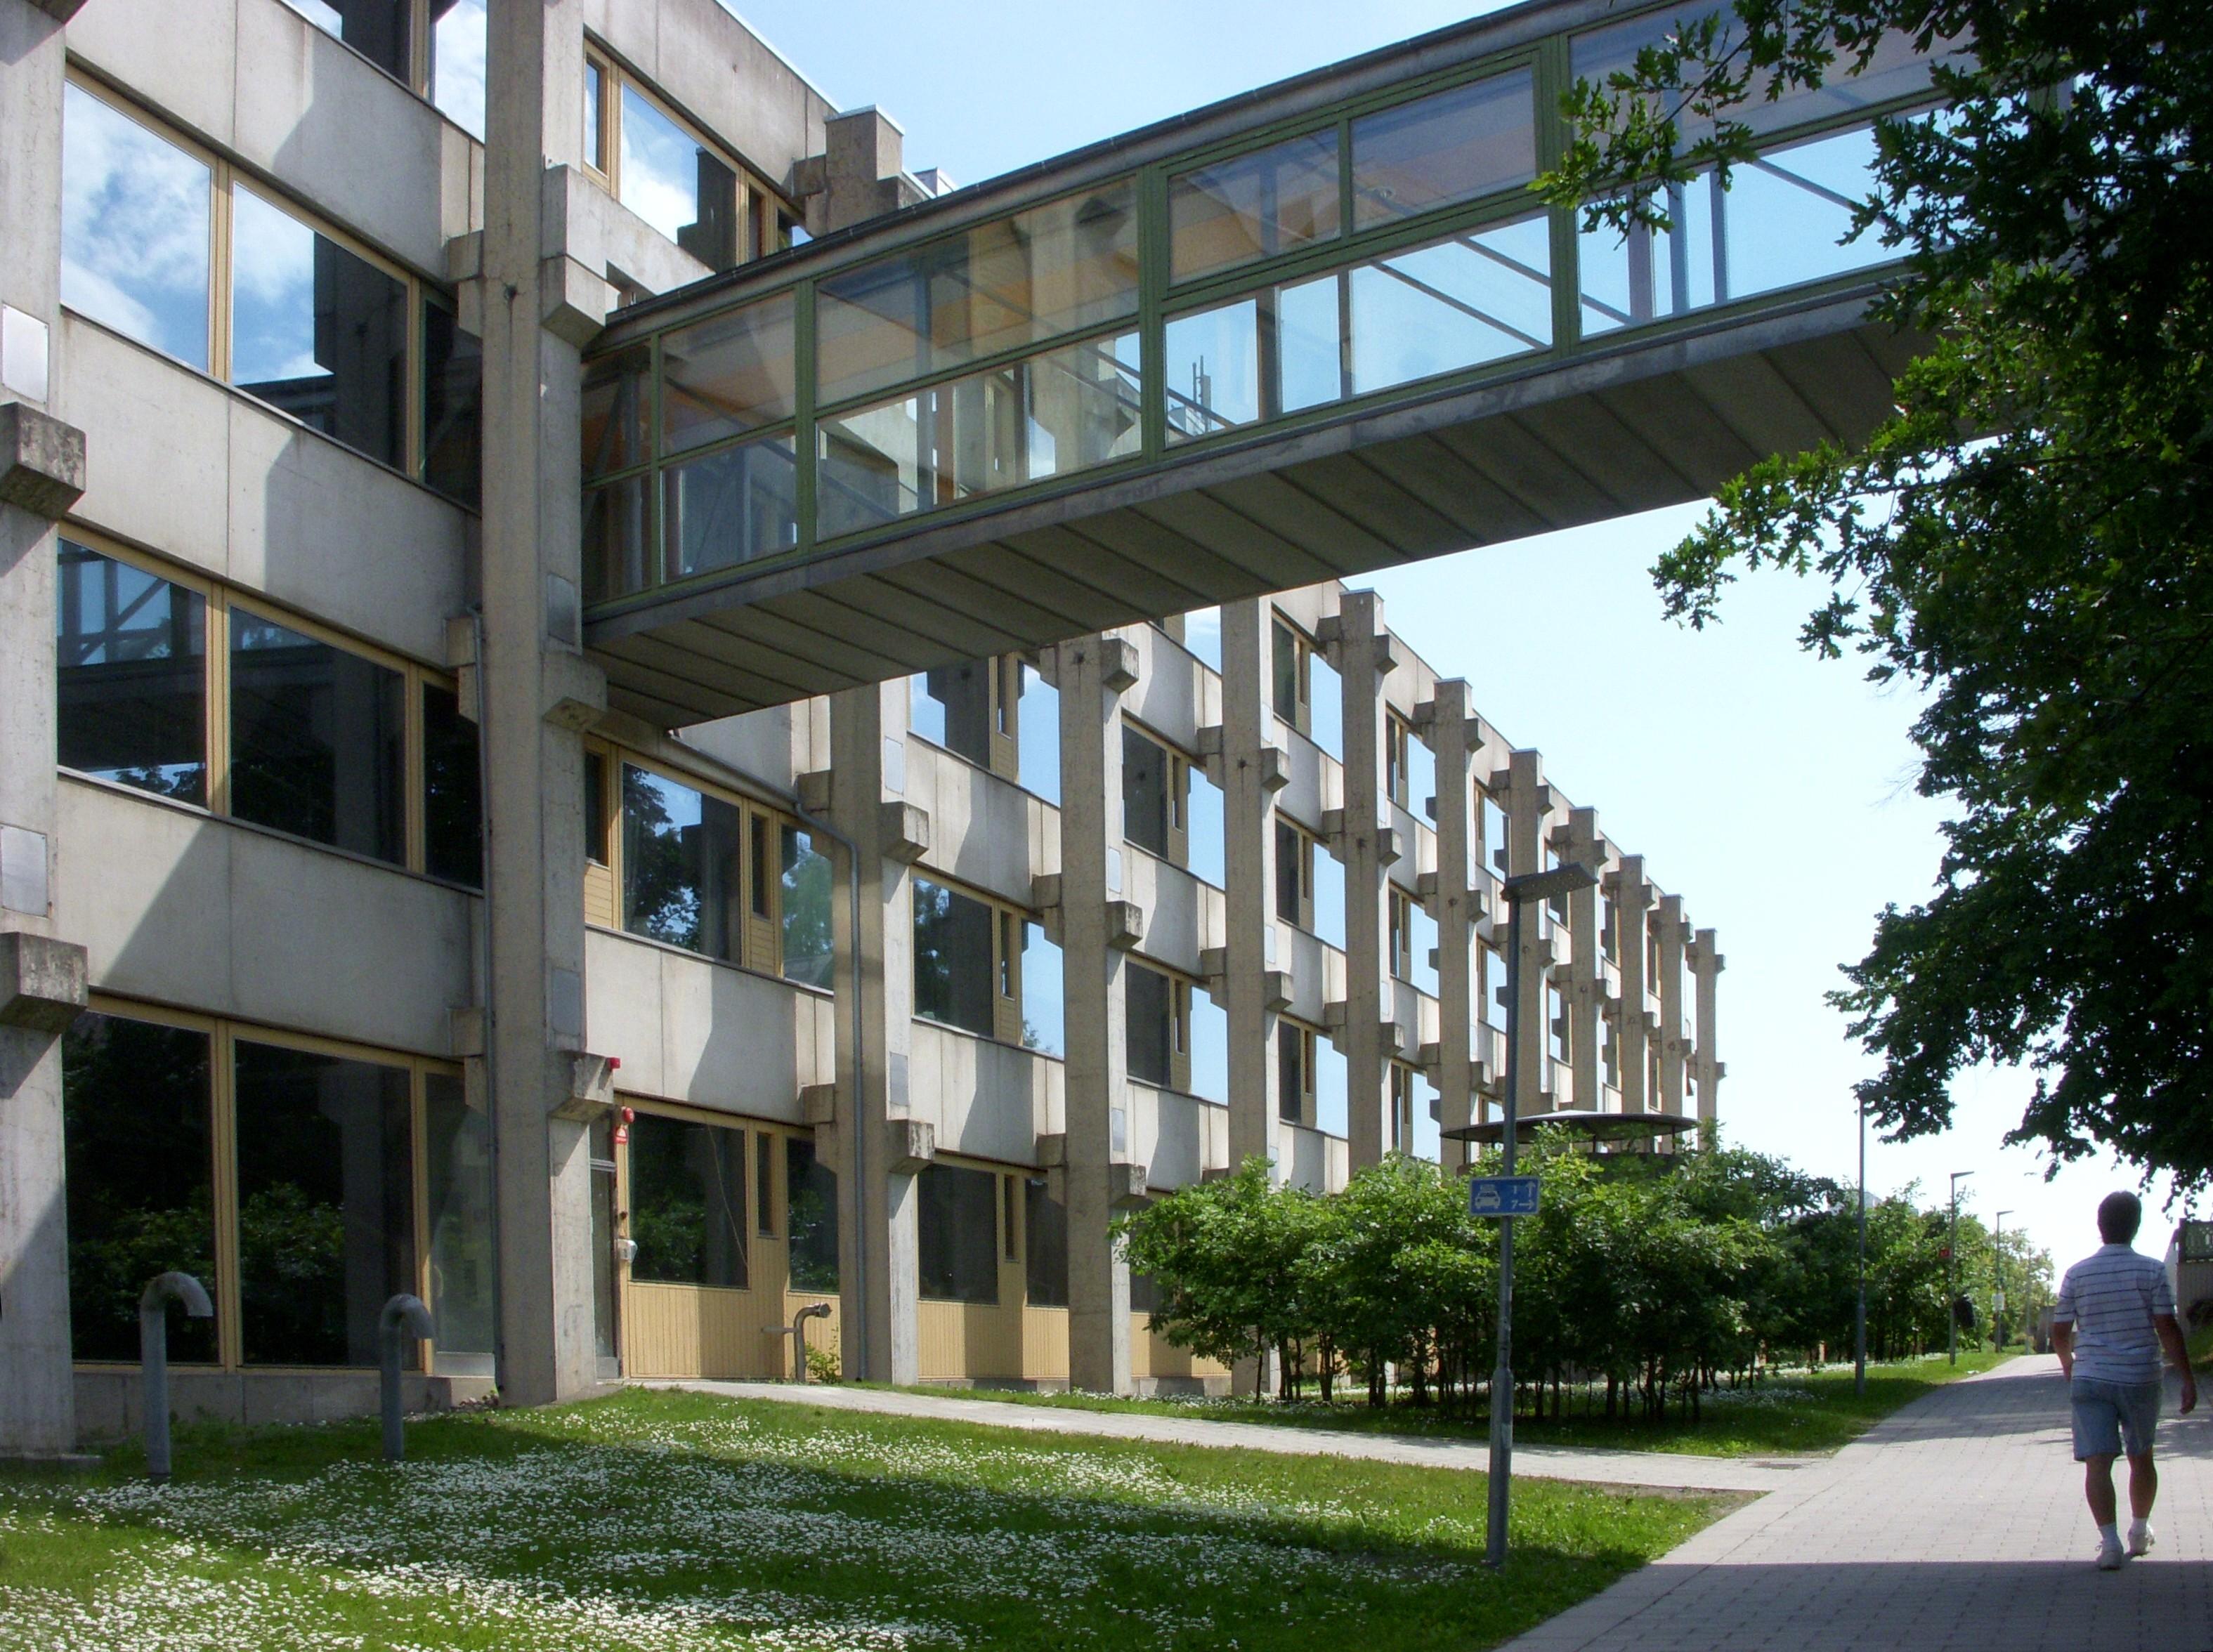 Veja o que saiu no Migalhas sobre Universidade de Estocolmo